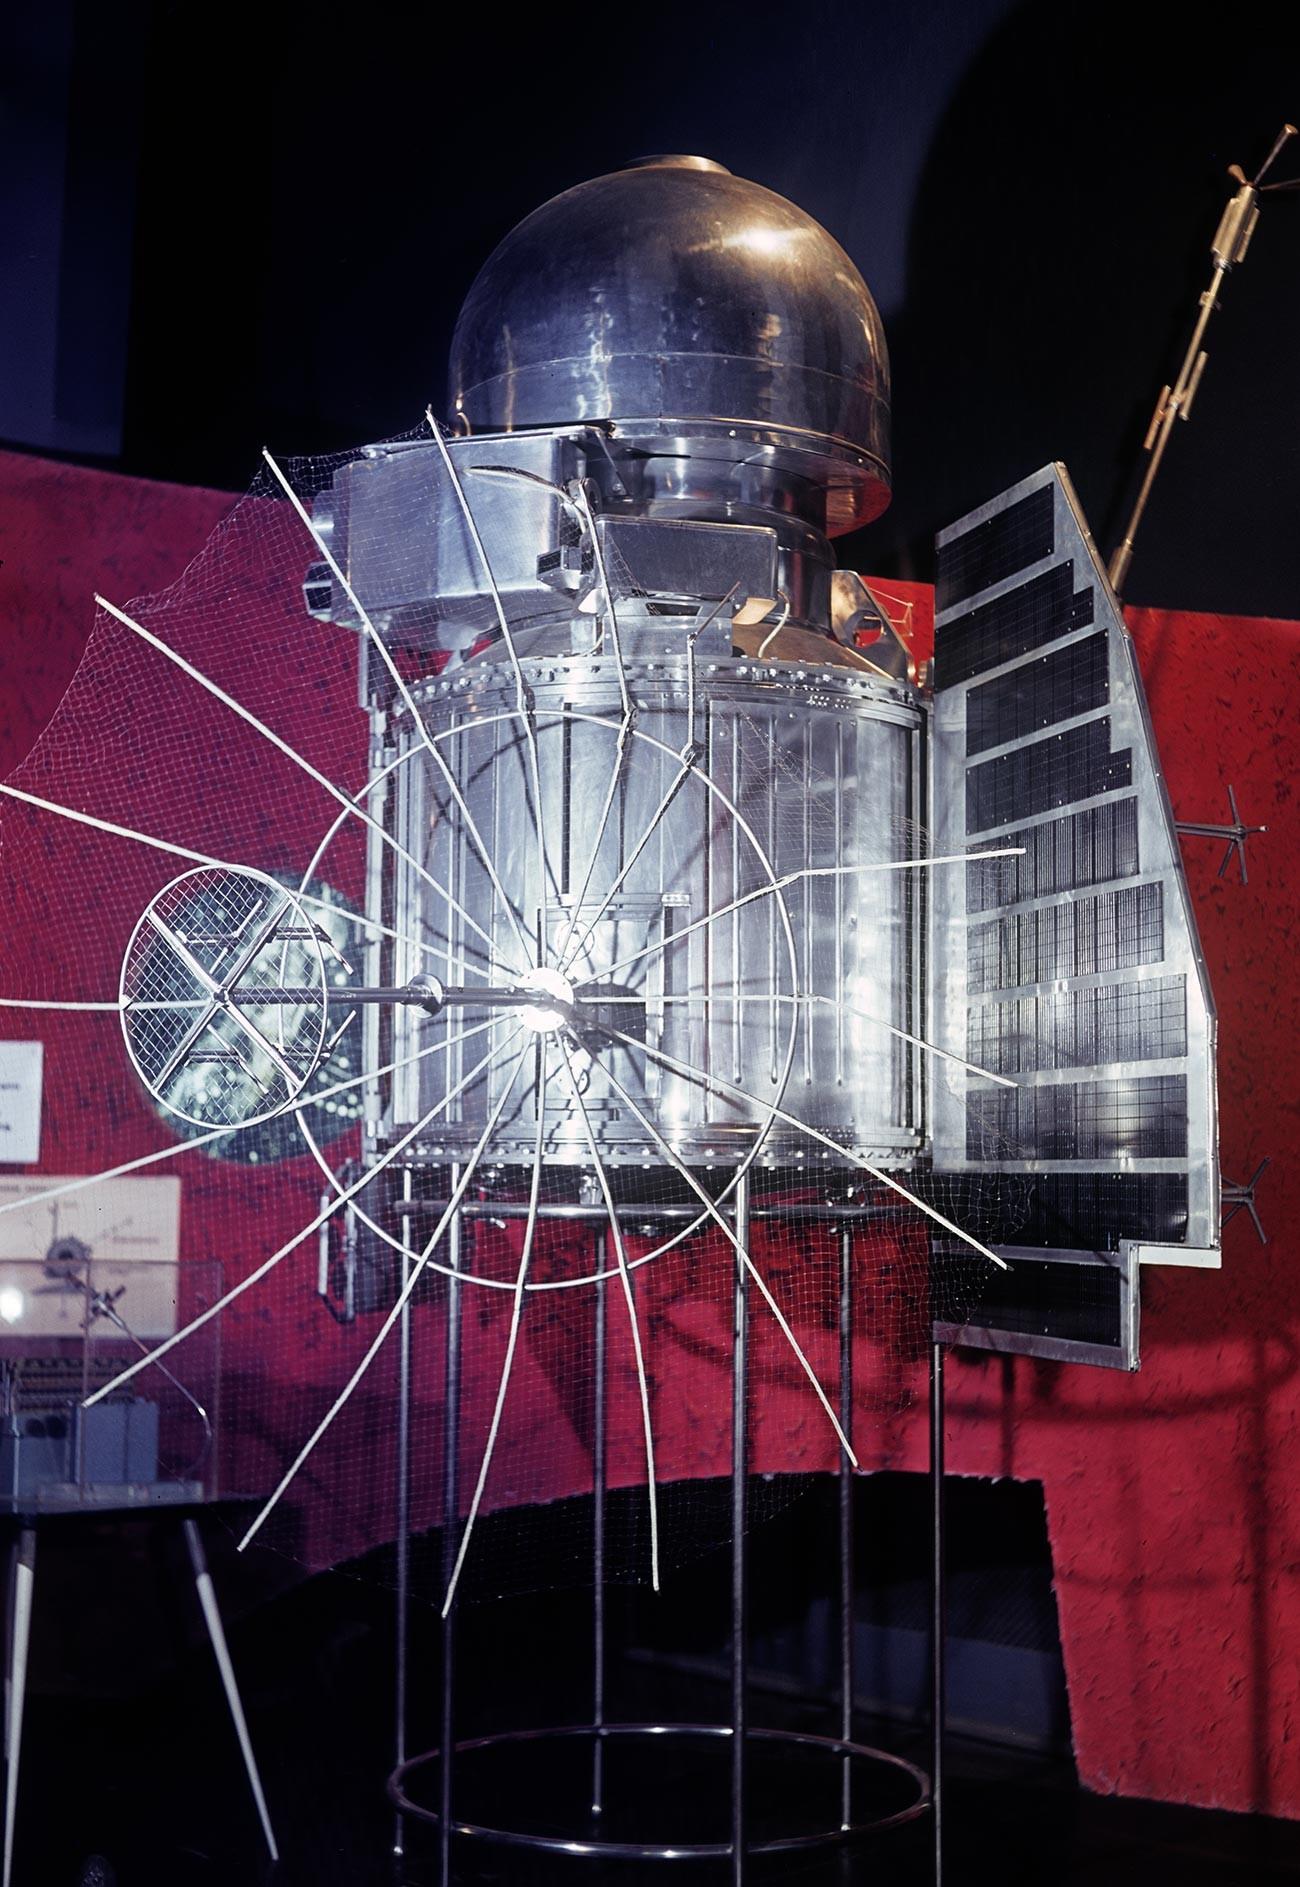 """Модел аутоматске међупланетарне станице """"Венера 1"""", послате на Венеру 12. фебруара 1961. године. Изложба достигнућа народне привреде СССР-а у Москви."""